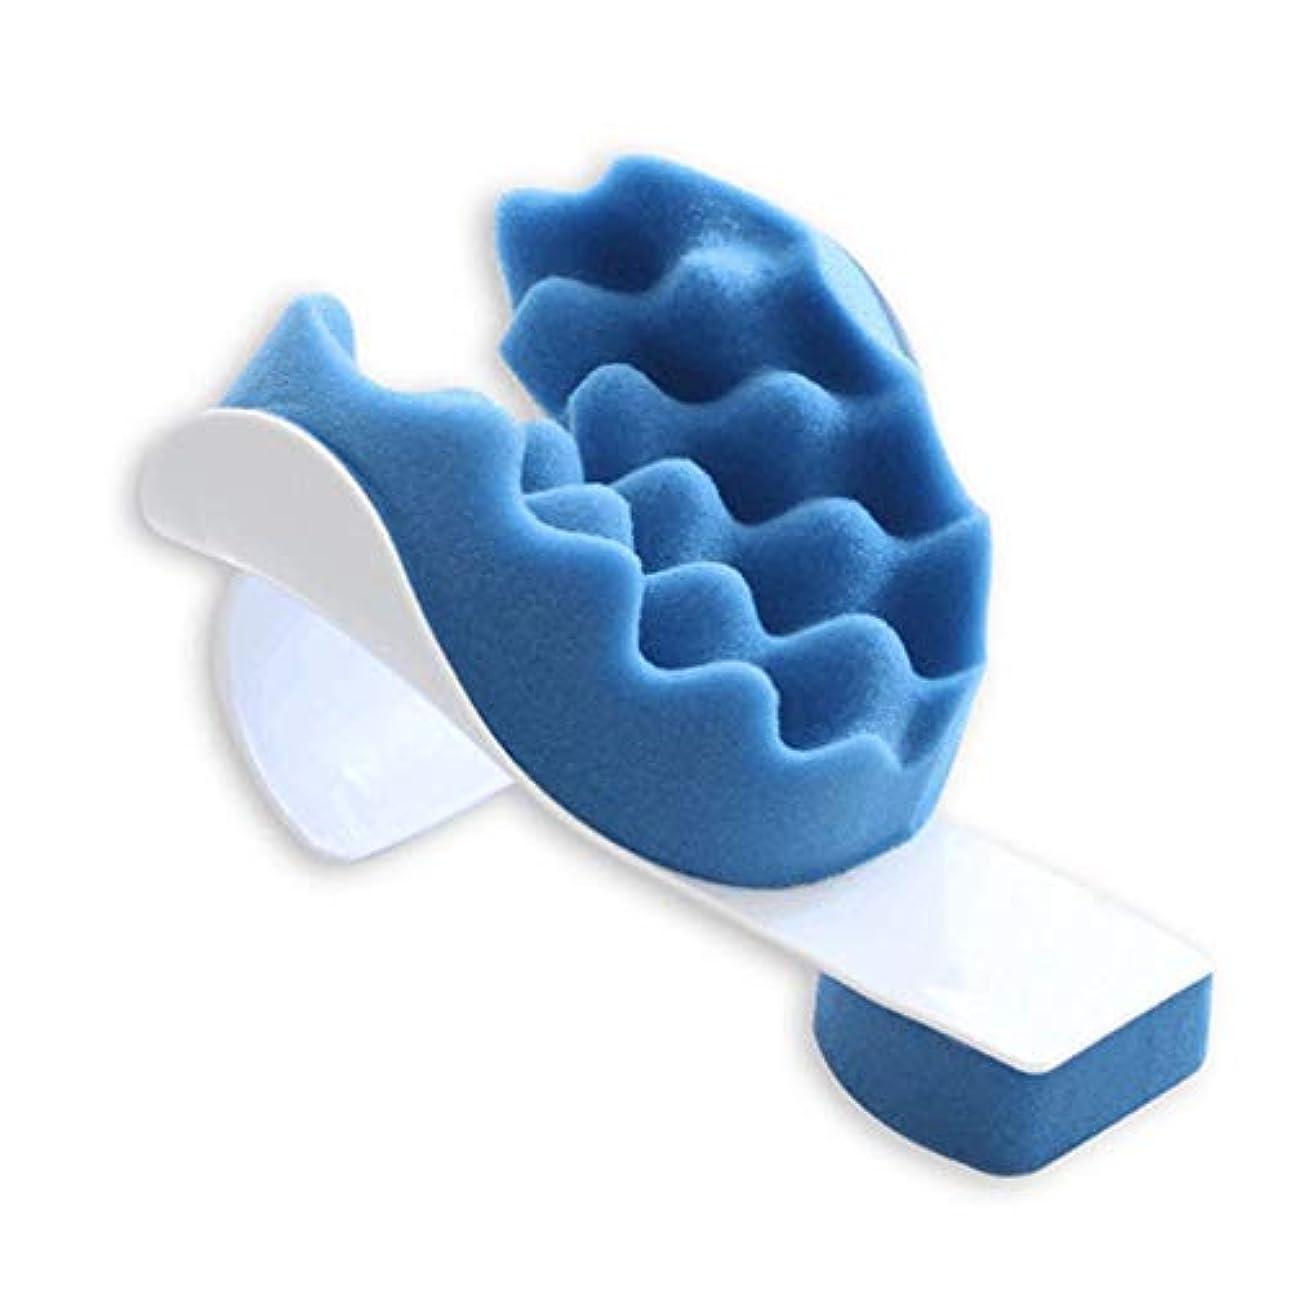 排泄するダイヤル肺炎Esolom マッサージ枕 首と肩のリラクゼーション 首の痛みの緩和 サポート肩リラクゼーションマッサージ牽引枕 ポータブル 頭と首のマッサージ枕